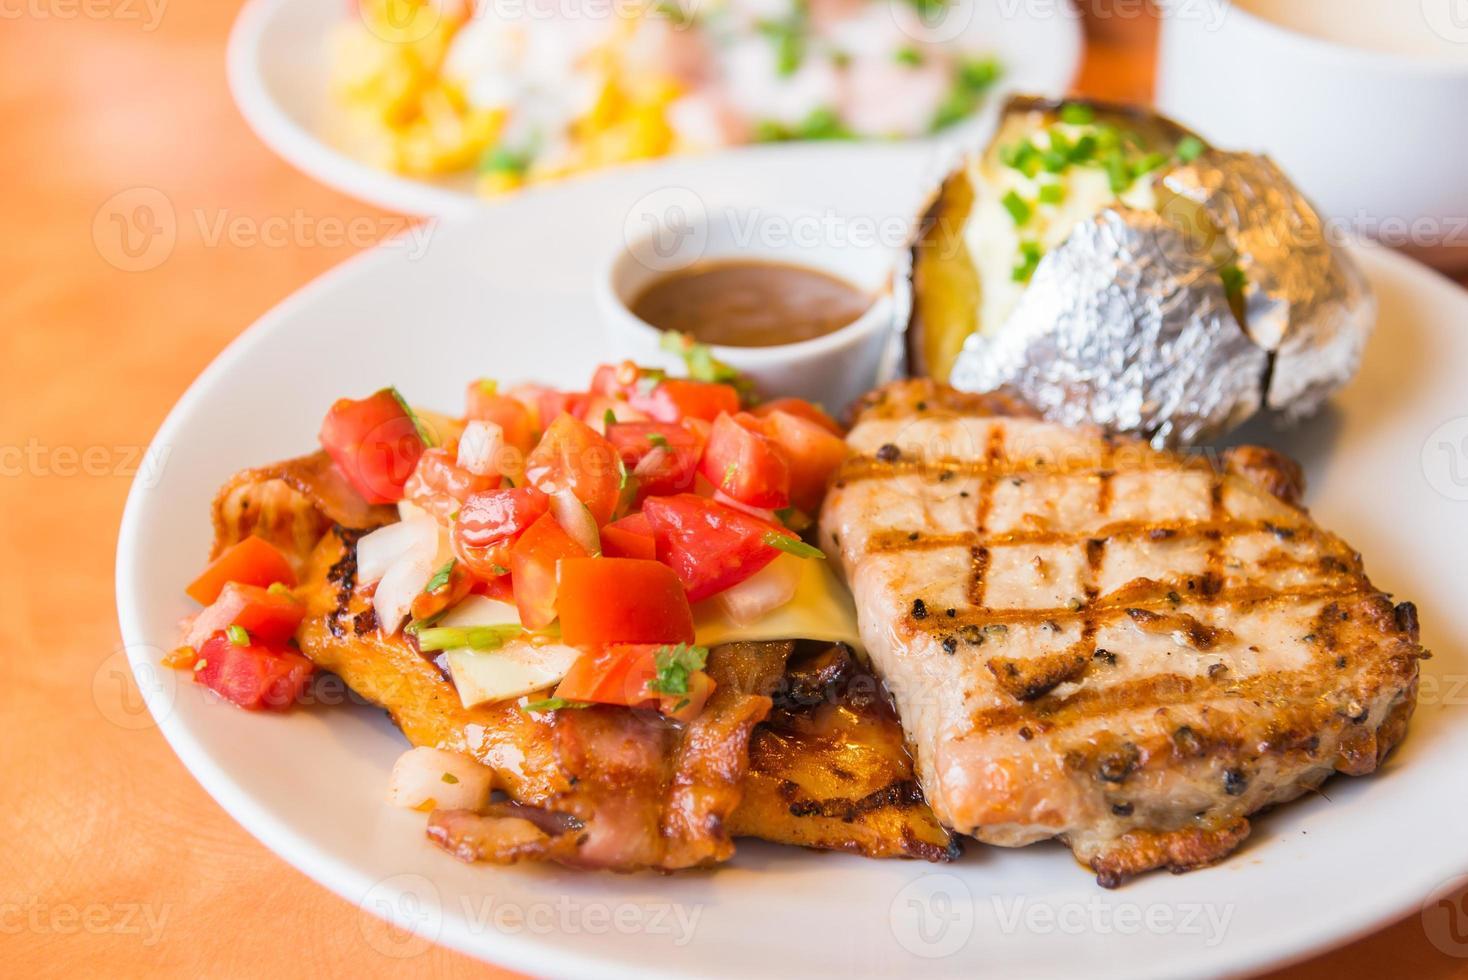 bife de porco grelhado foto